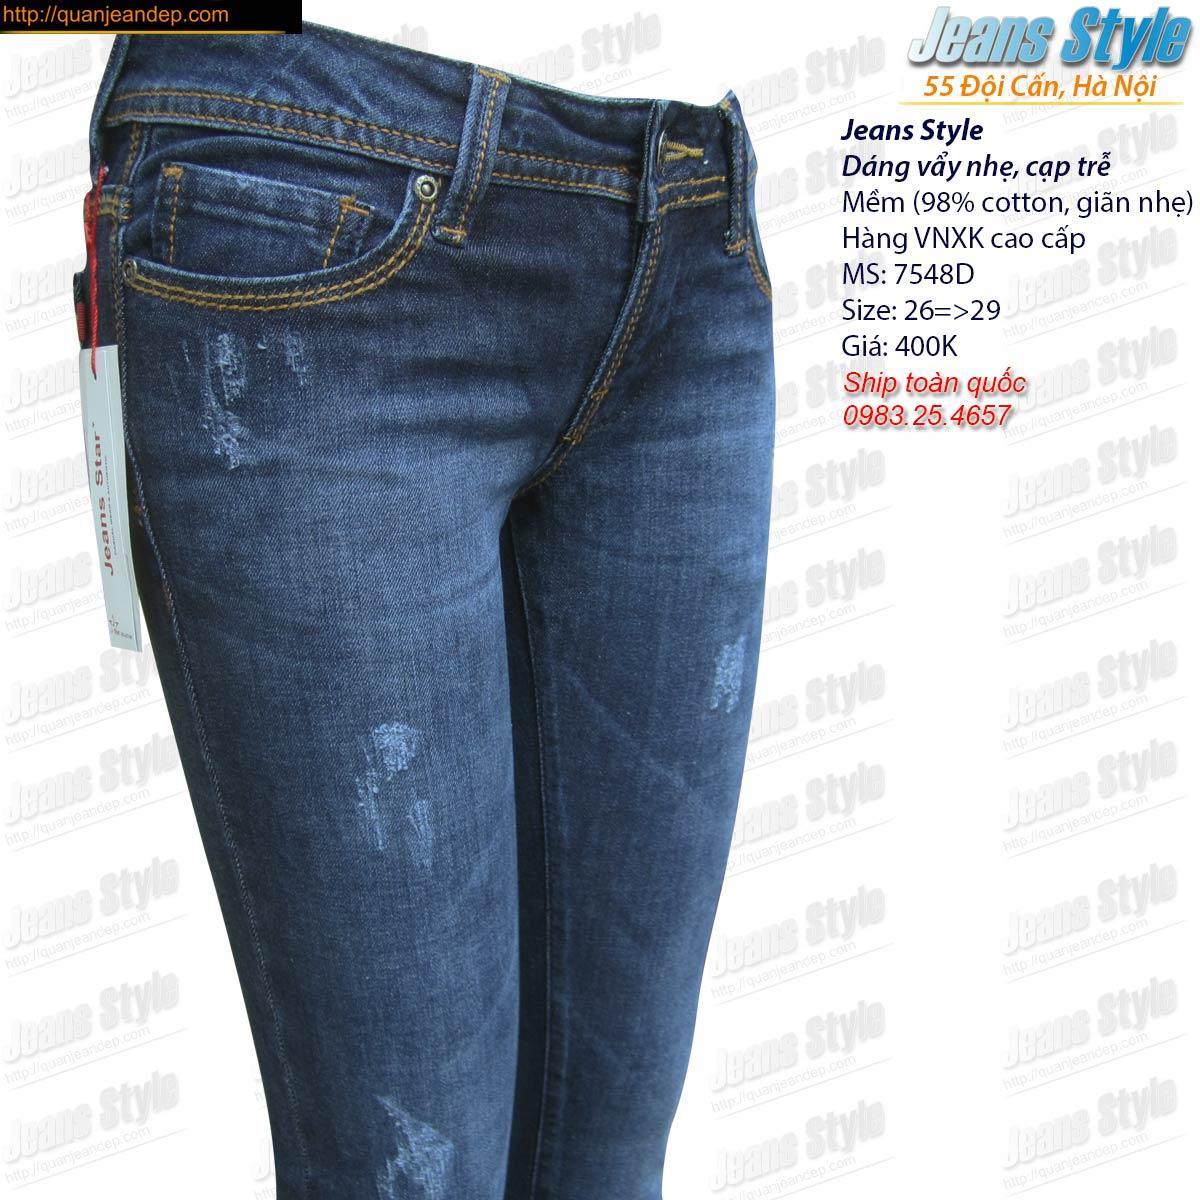 Jean nữ VNXK vẩy nhẹ cạp trễ 7548D Giá:280.000,00 ₫